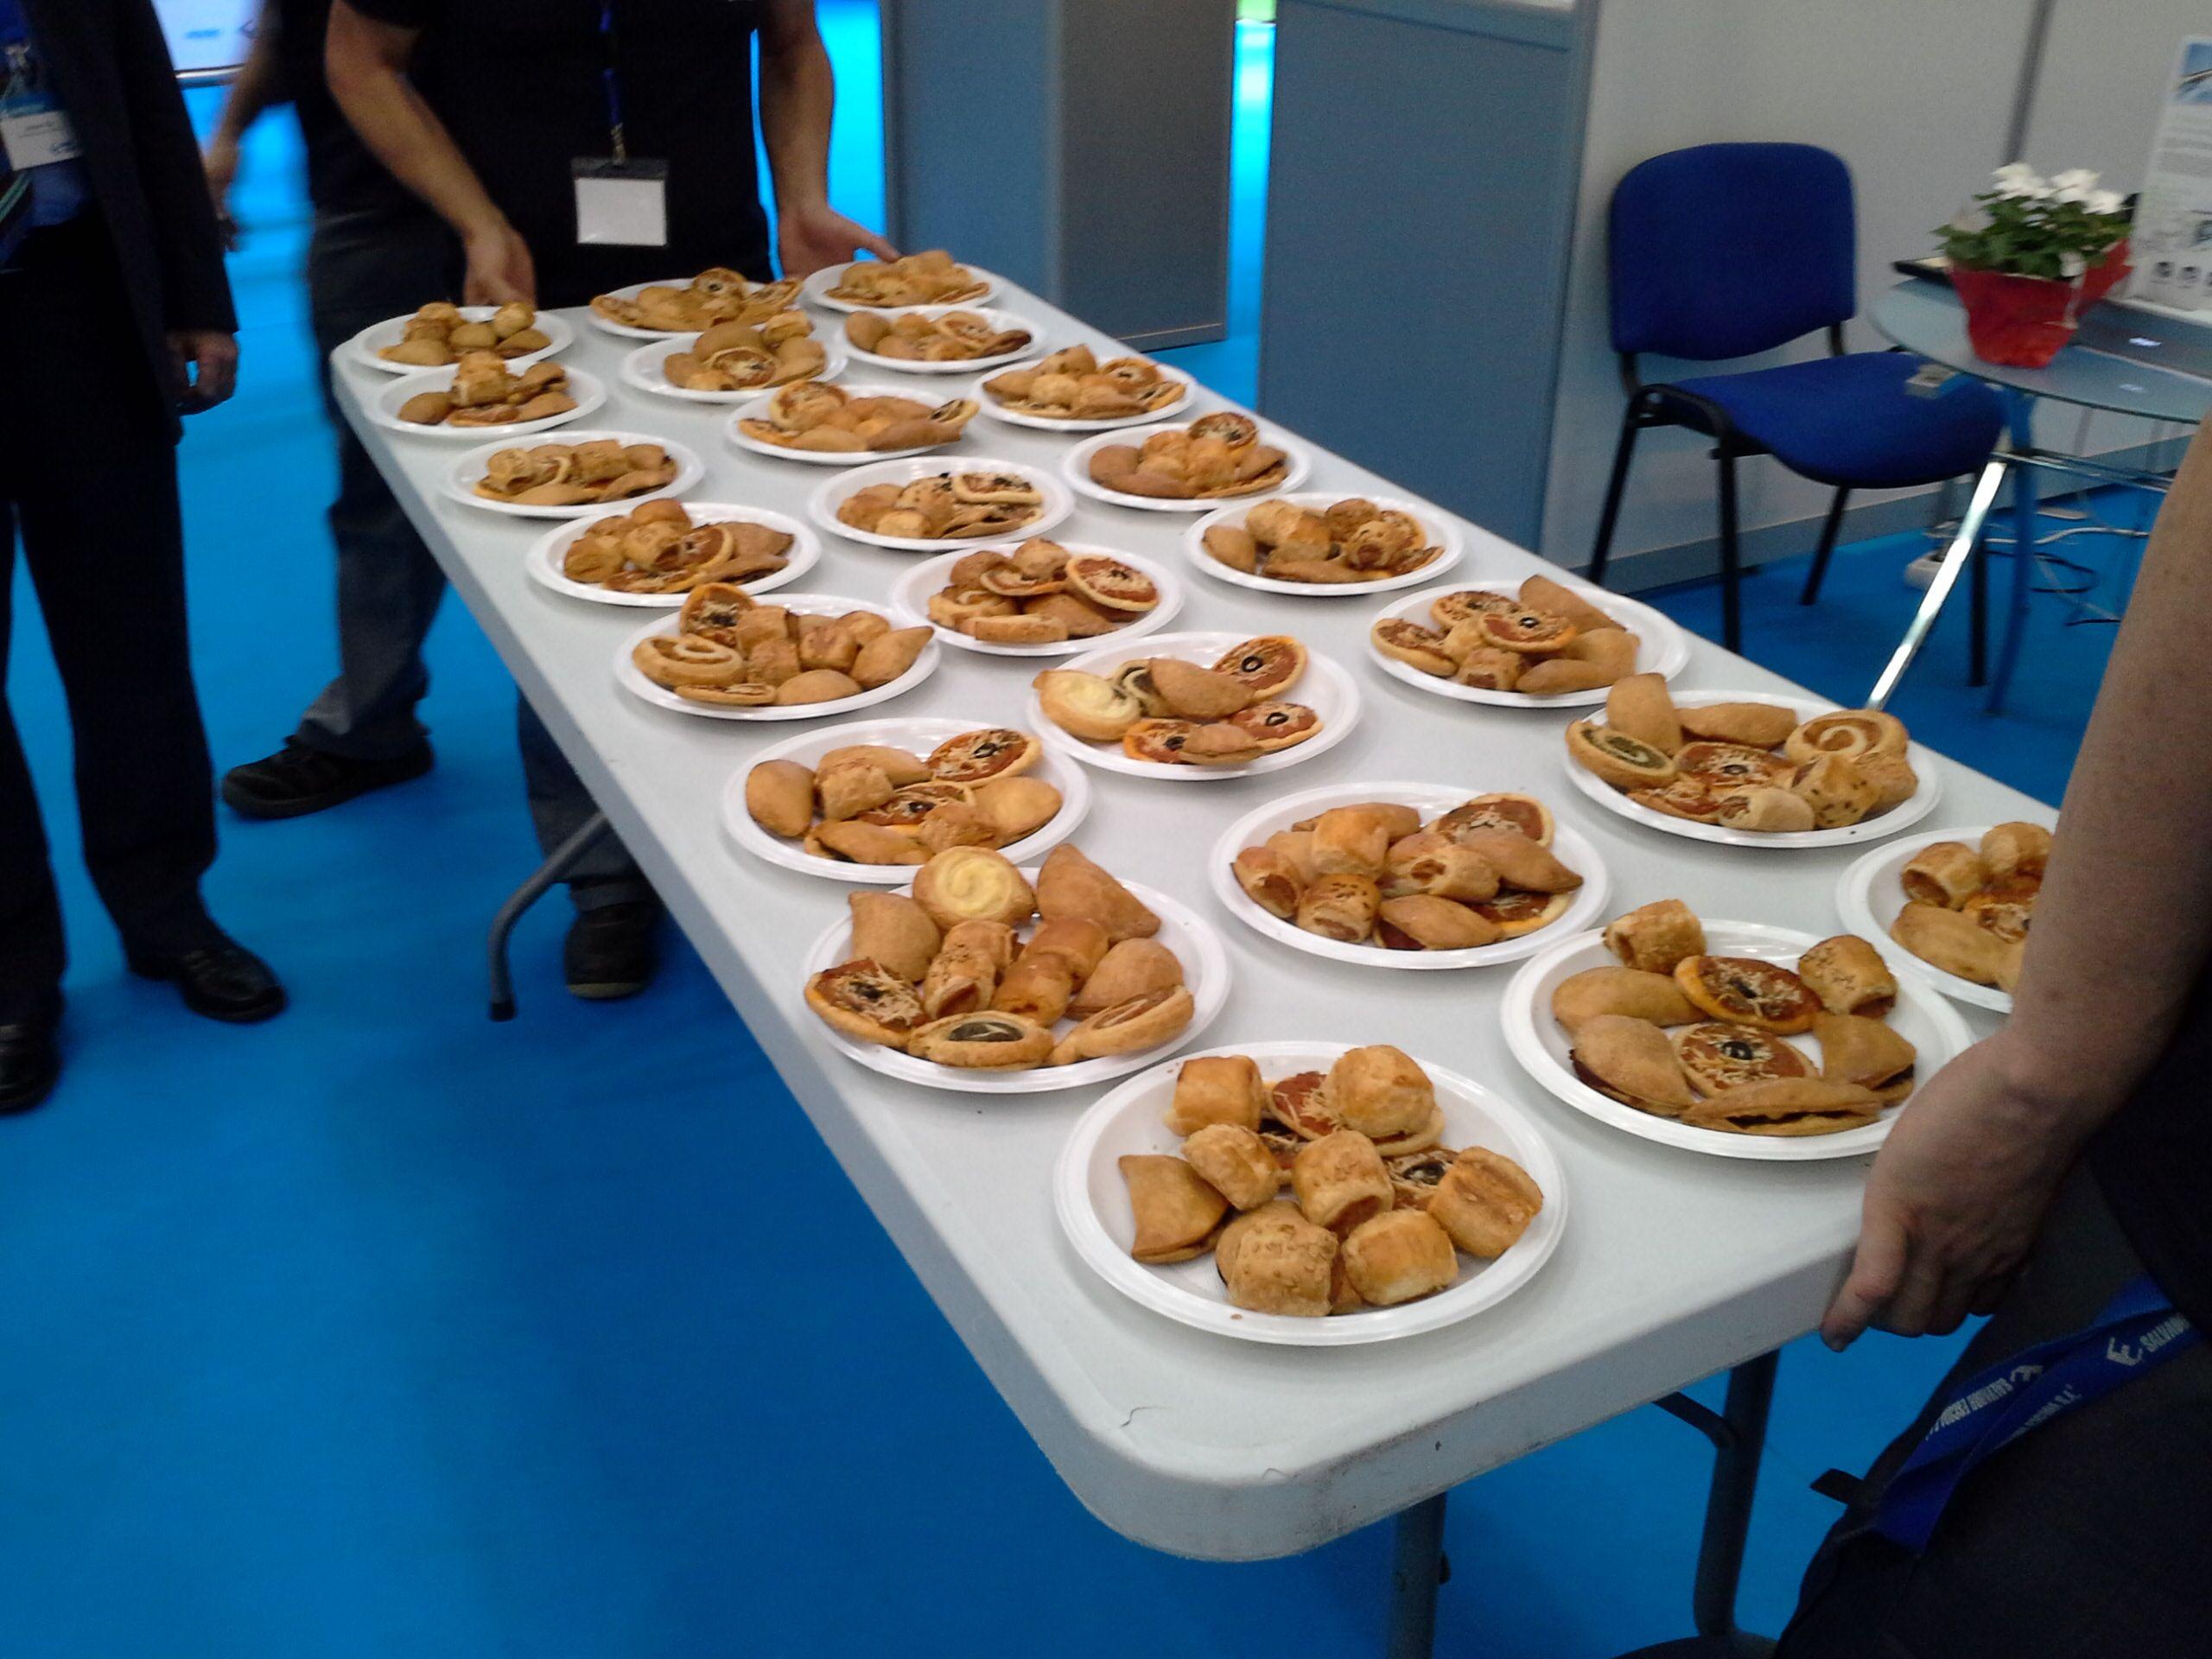 Las bandejas de servicio en plan comunitario.... son platos de pastelitos salados antes de la paella